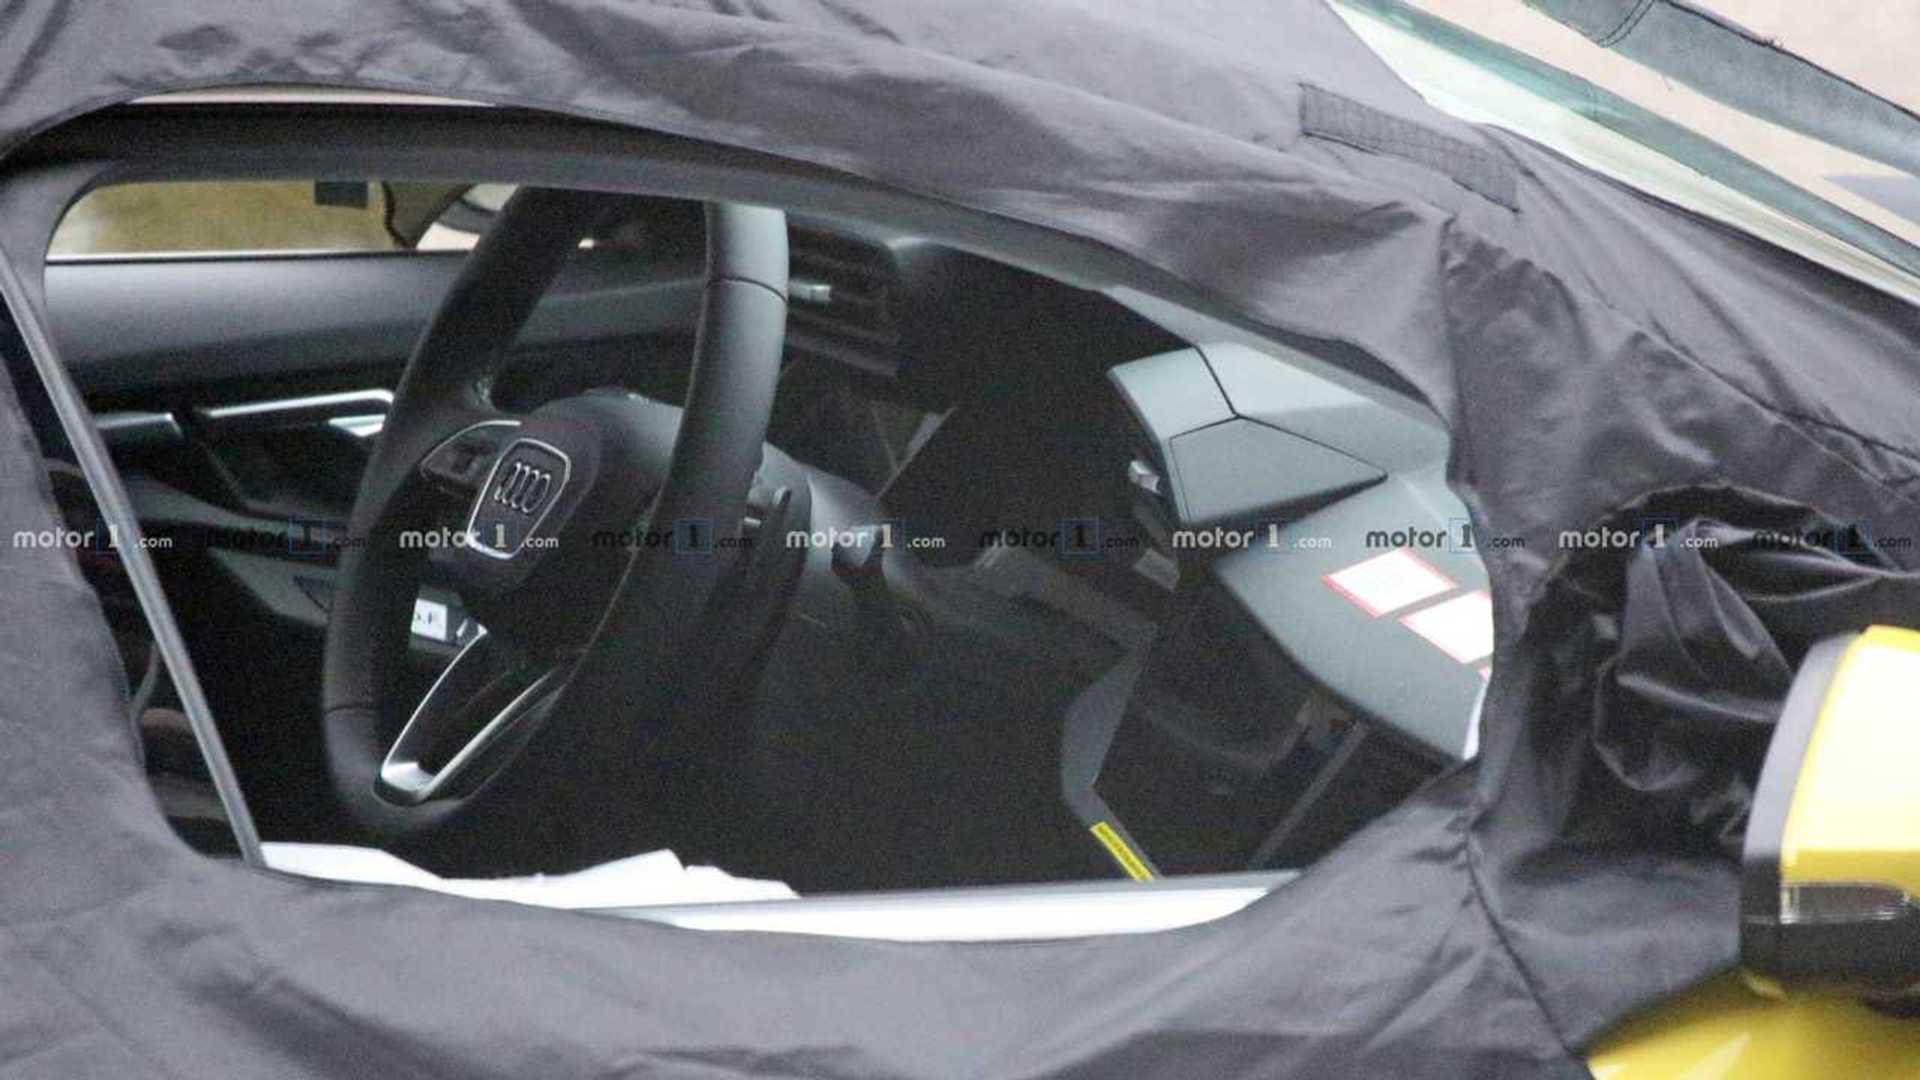 2018 - [Audi] A3 IV - Page 6 2020-audi-s3-sportback-spy-photo